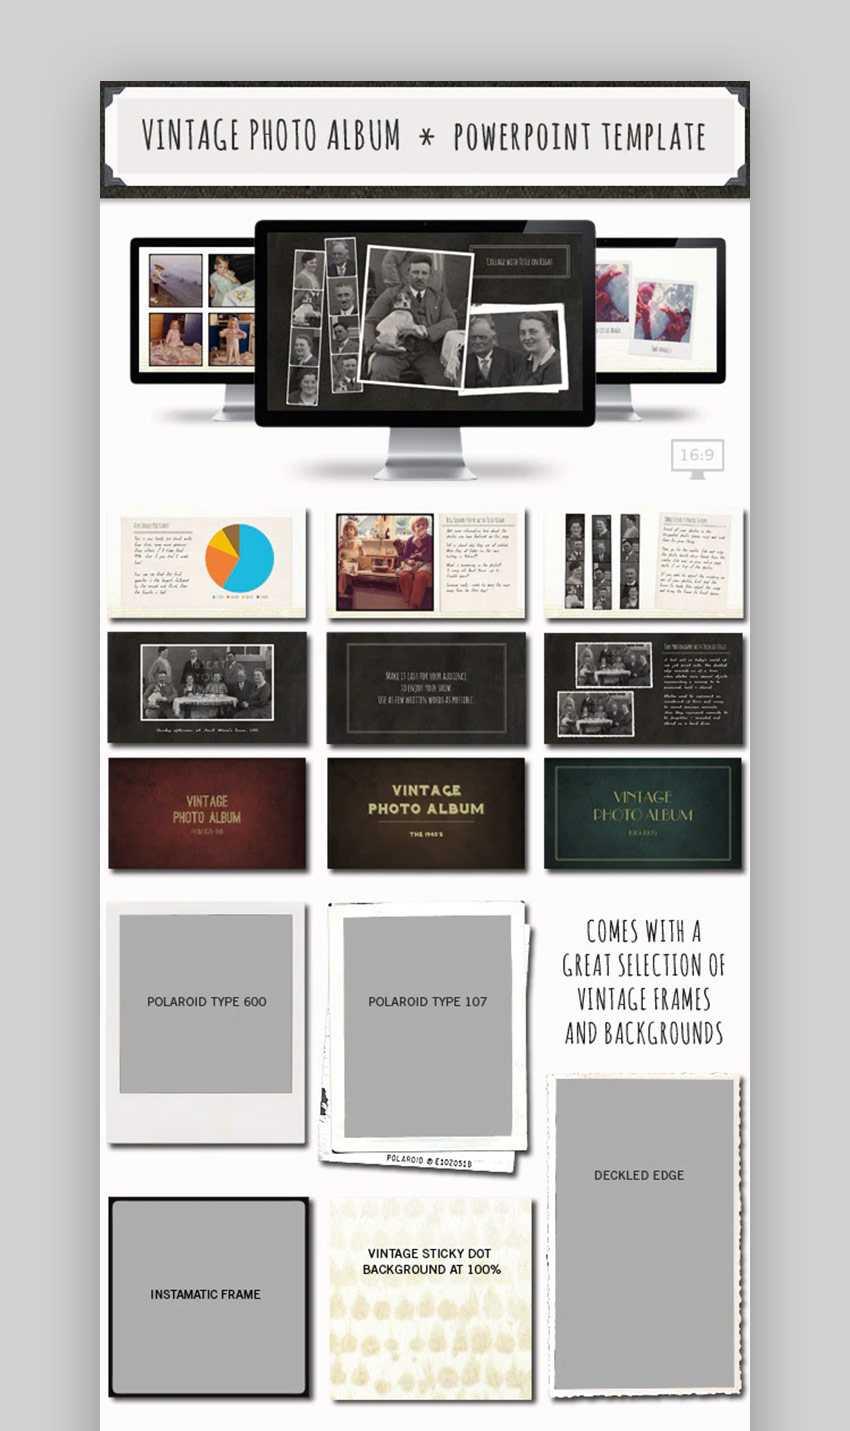 20 Best Free Powerpoint Photo Album & Ppt Slideshow Intended For Powerpoint Photo Album Template